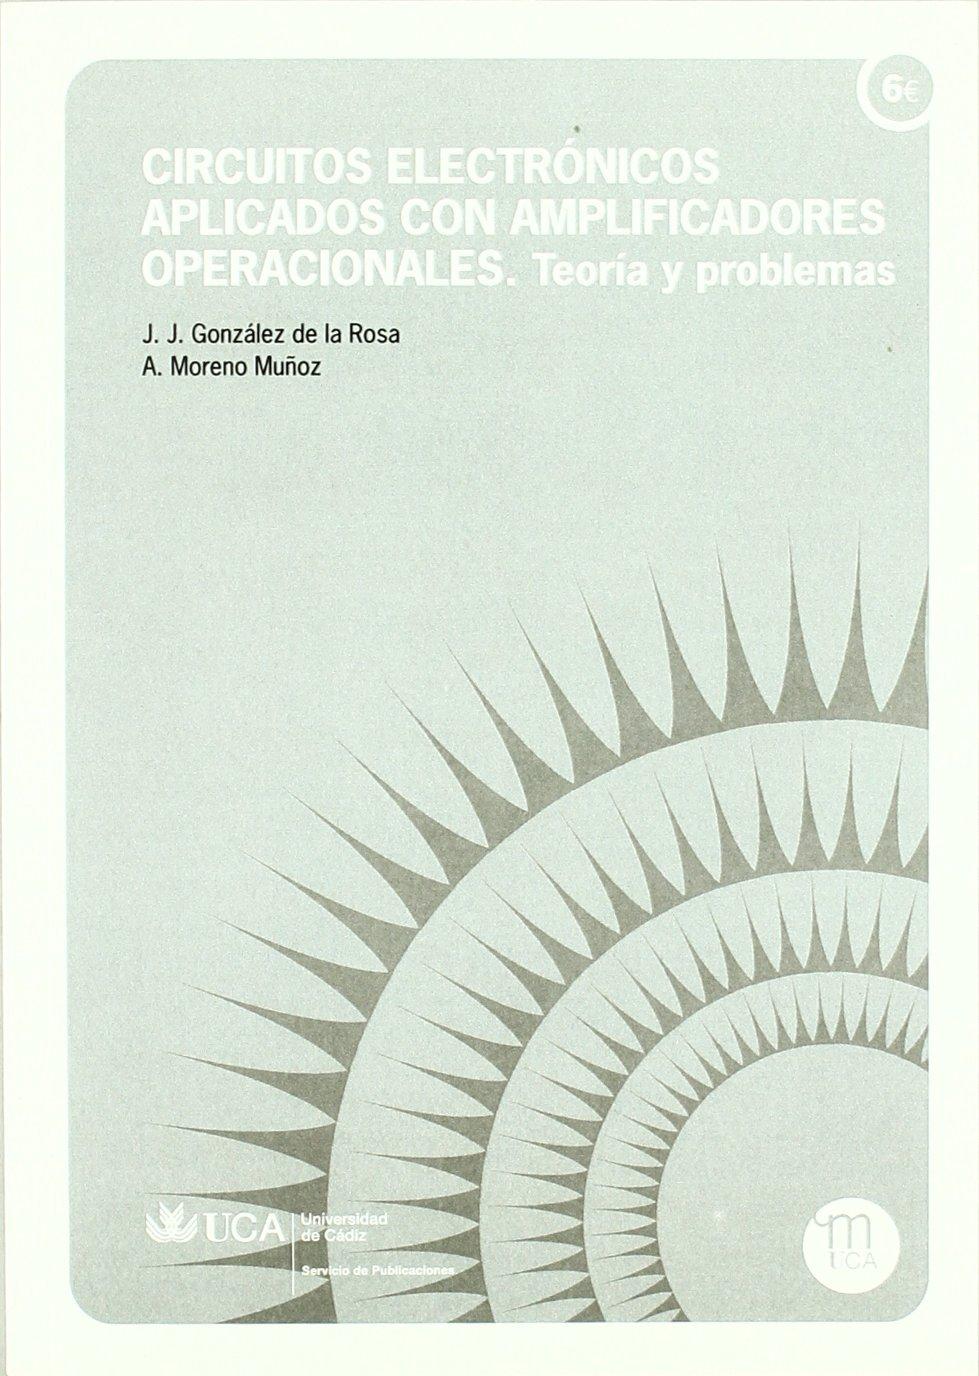 ... aplicados con amplificadores operacionales : teoría y problemas: Juan Jose, Antonio Moreno-Munoz, González de la Rosa: 9788477864882: Amazon.com: Books